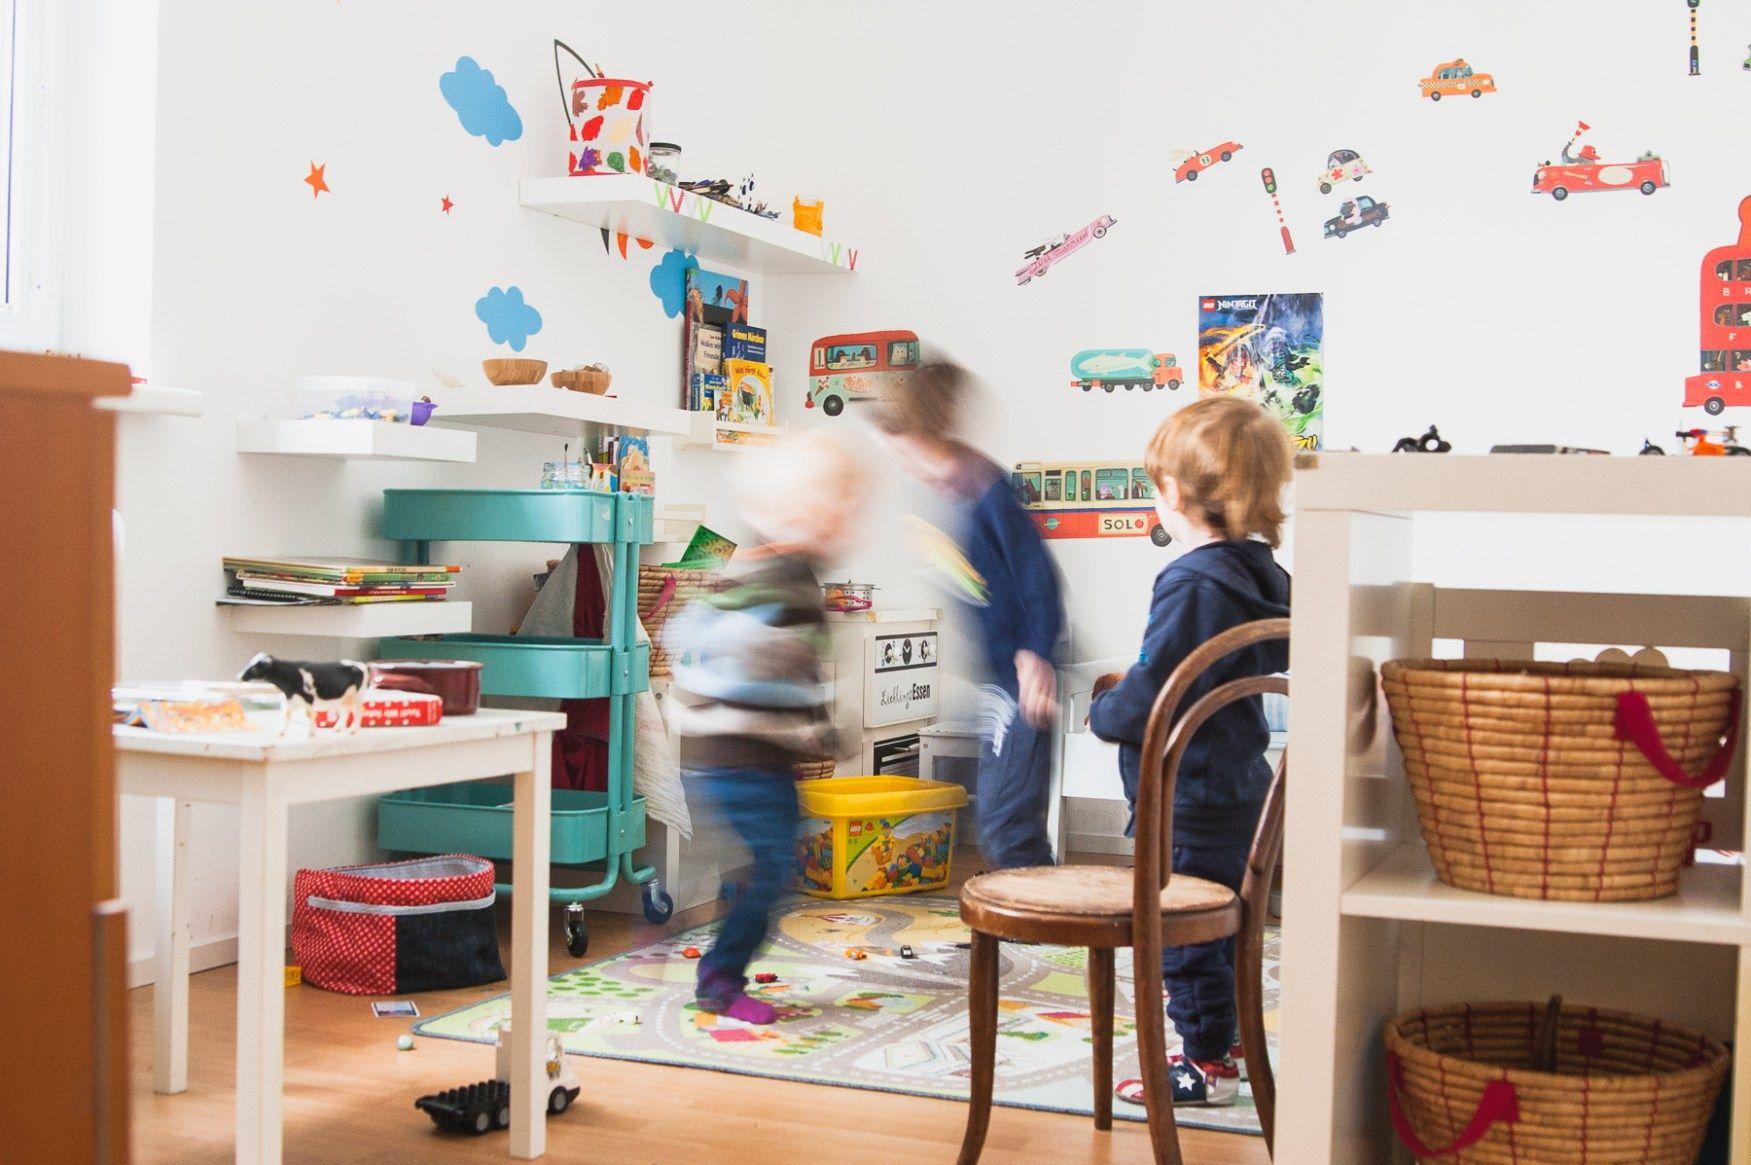 Kinderzimmer ausmisten & aufräumen Ideen, wie es auch